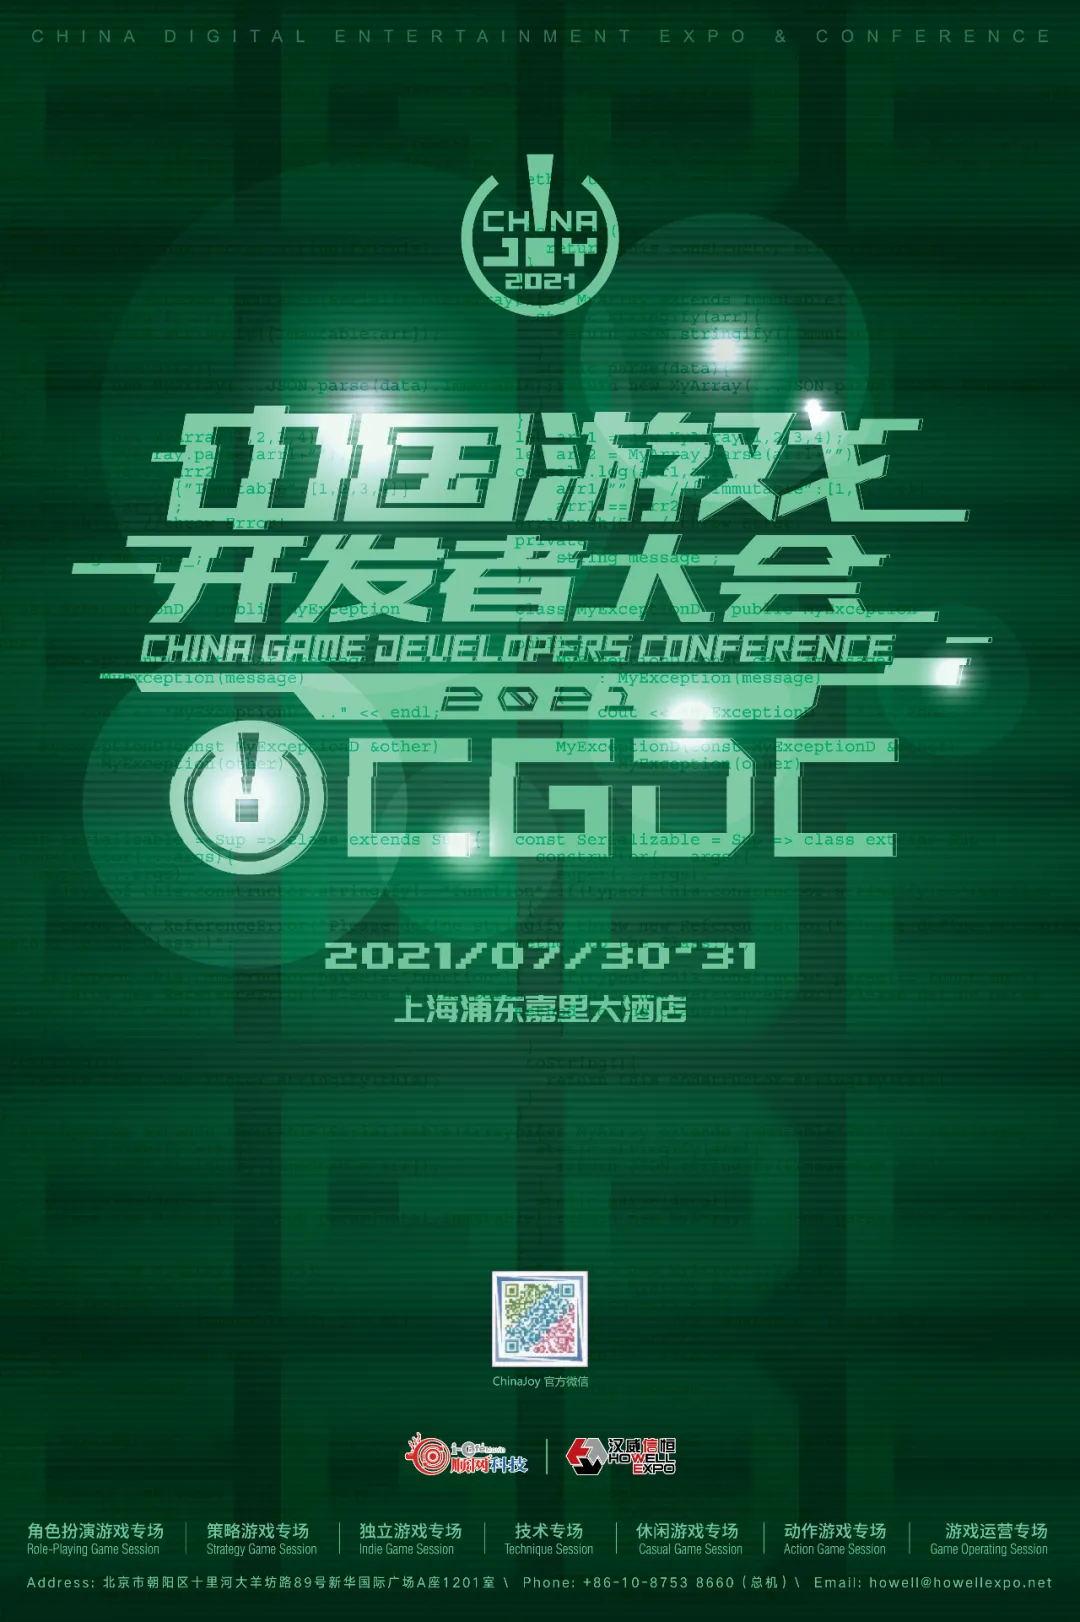 2021中国游戏开发者大会(CGDC)7月31日技术专场演讲嘉宾(部分)!业内大牛抢鲜看